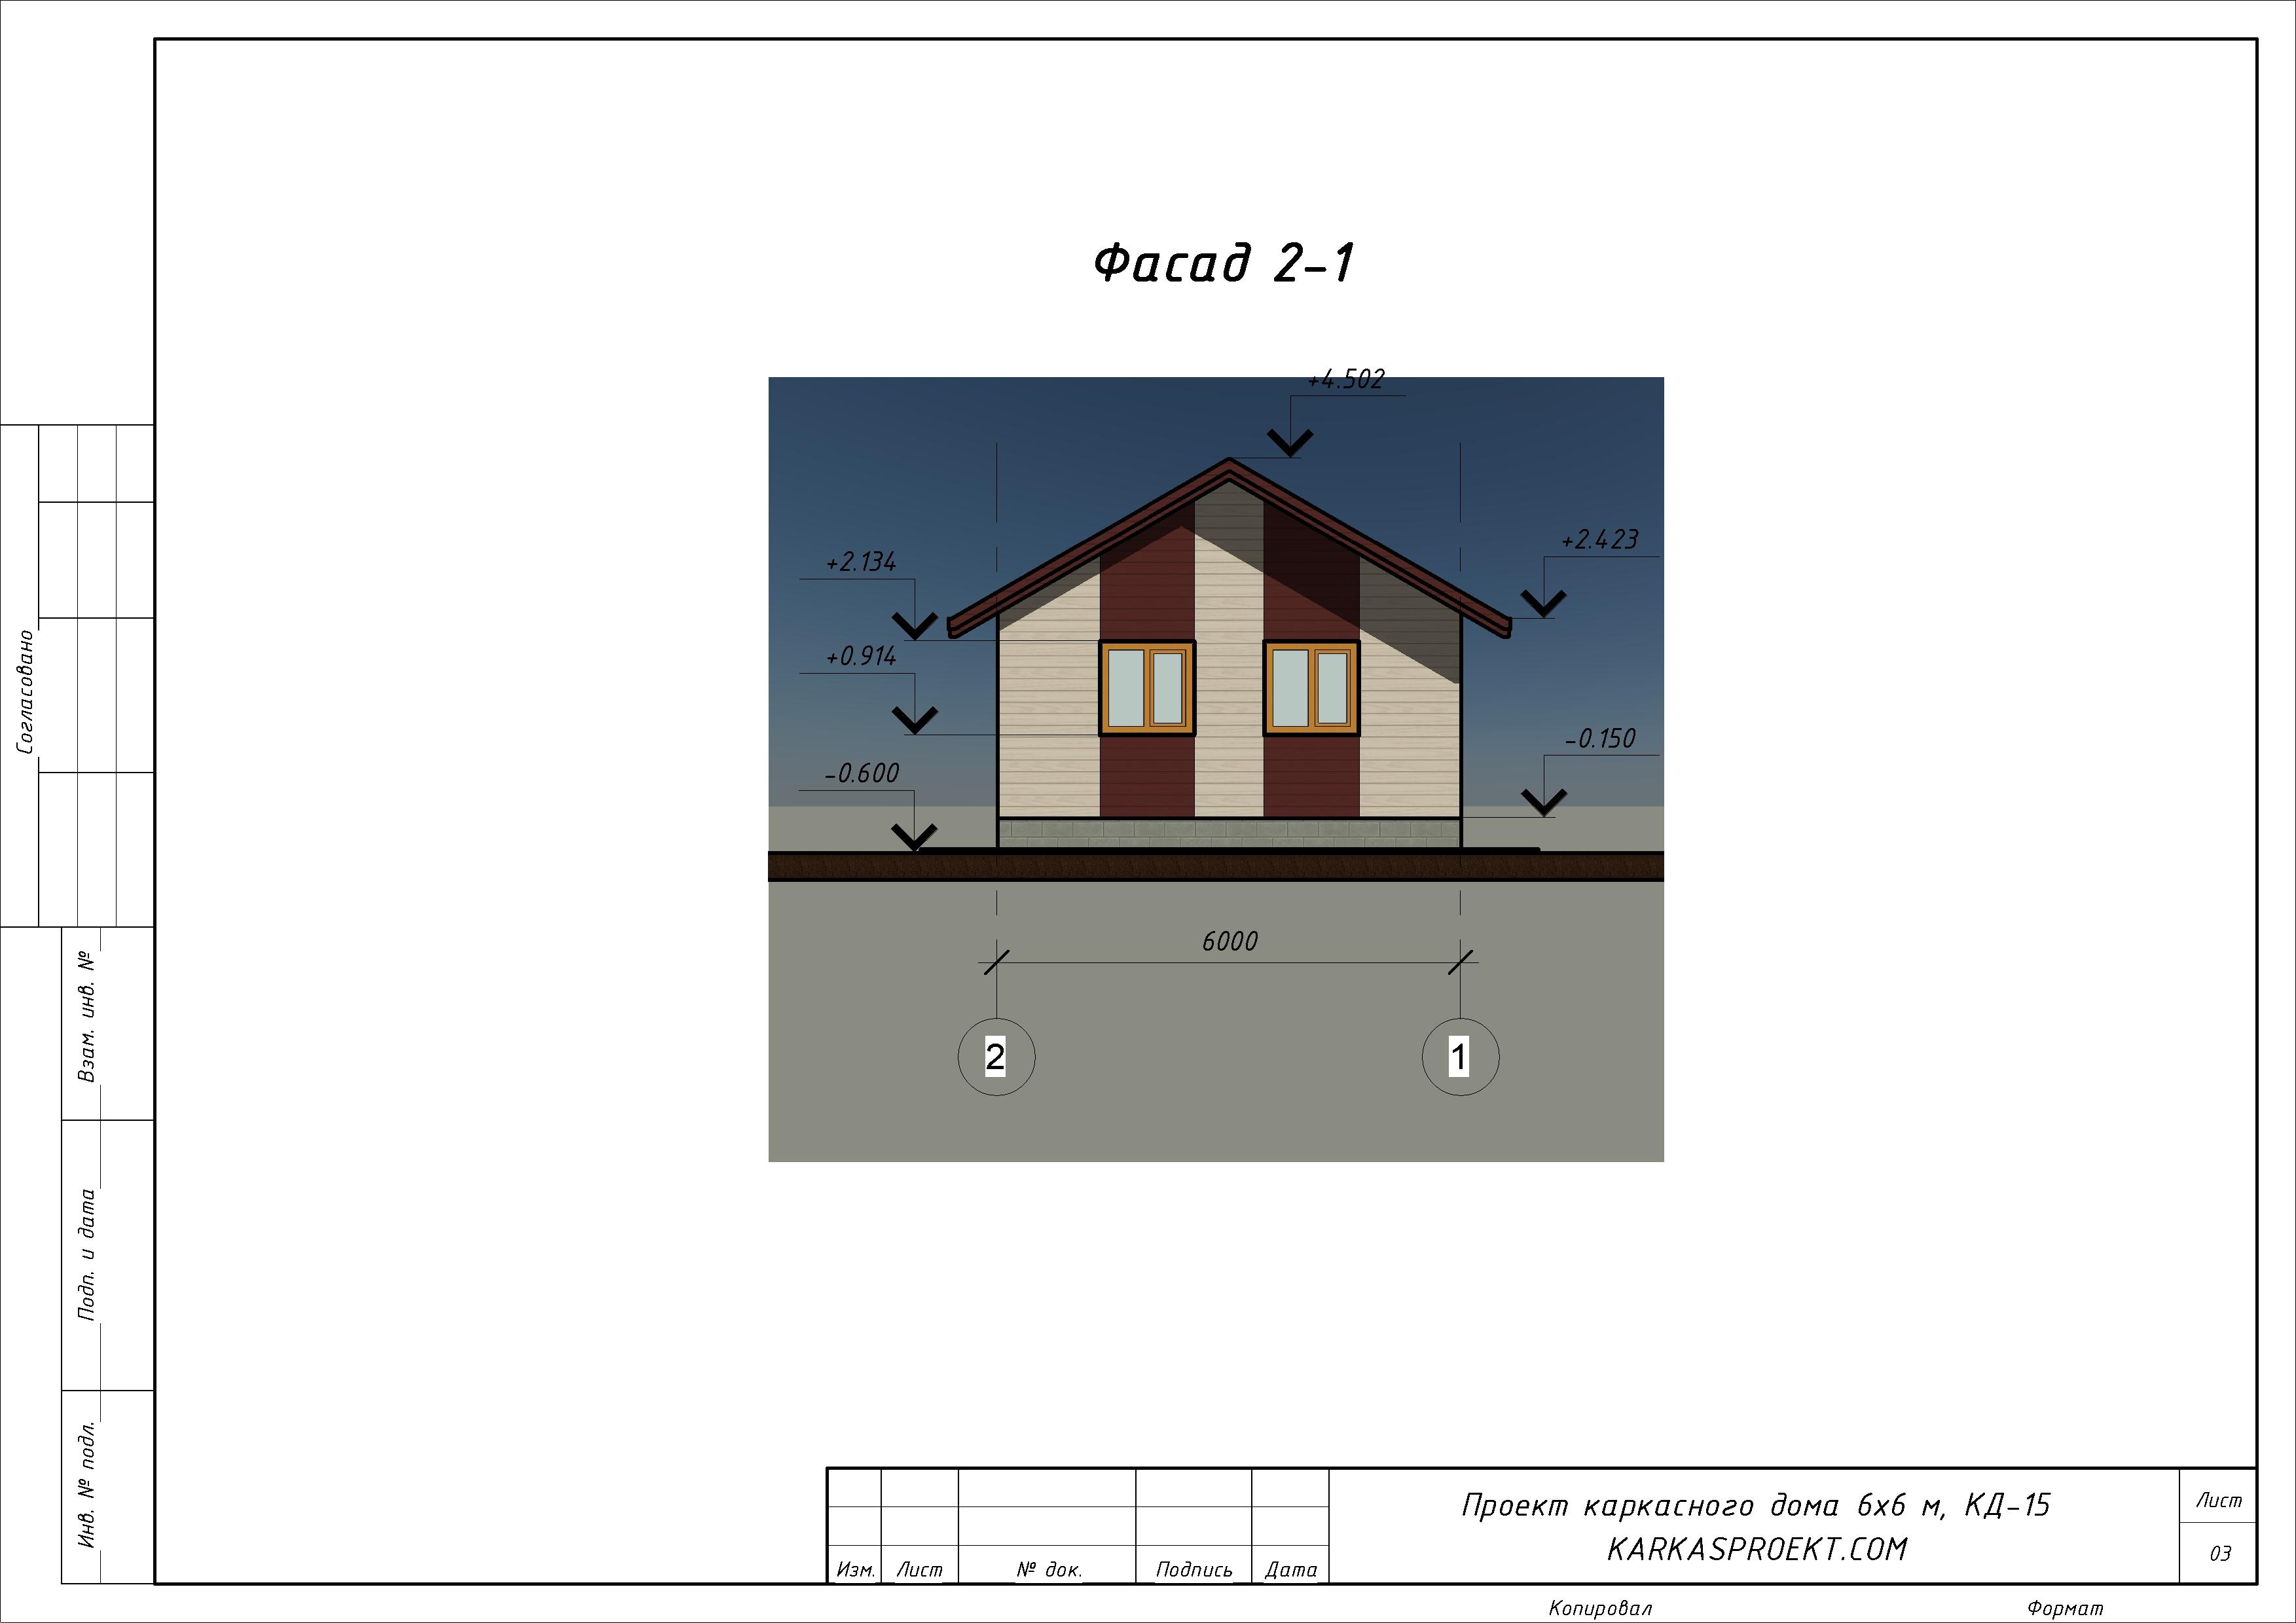 КД-15 - Фасад 2-1